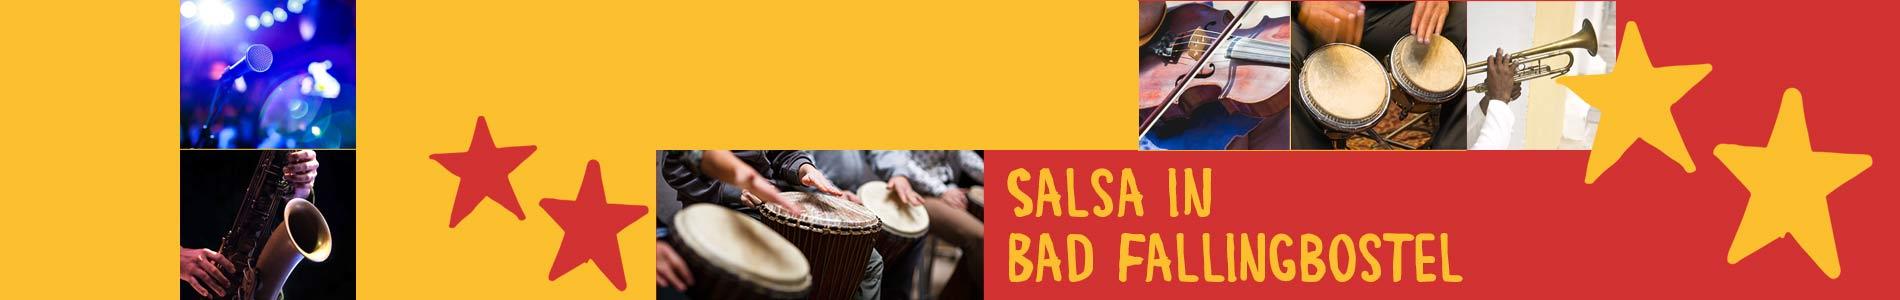 Salsa in Bad Fallingbostel – Salsa lernen und tanzen, Tanzkurse, Partys, Veranstaltungen